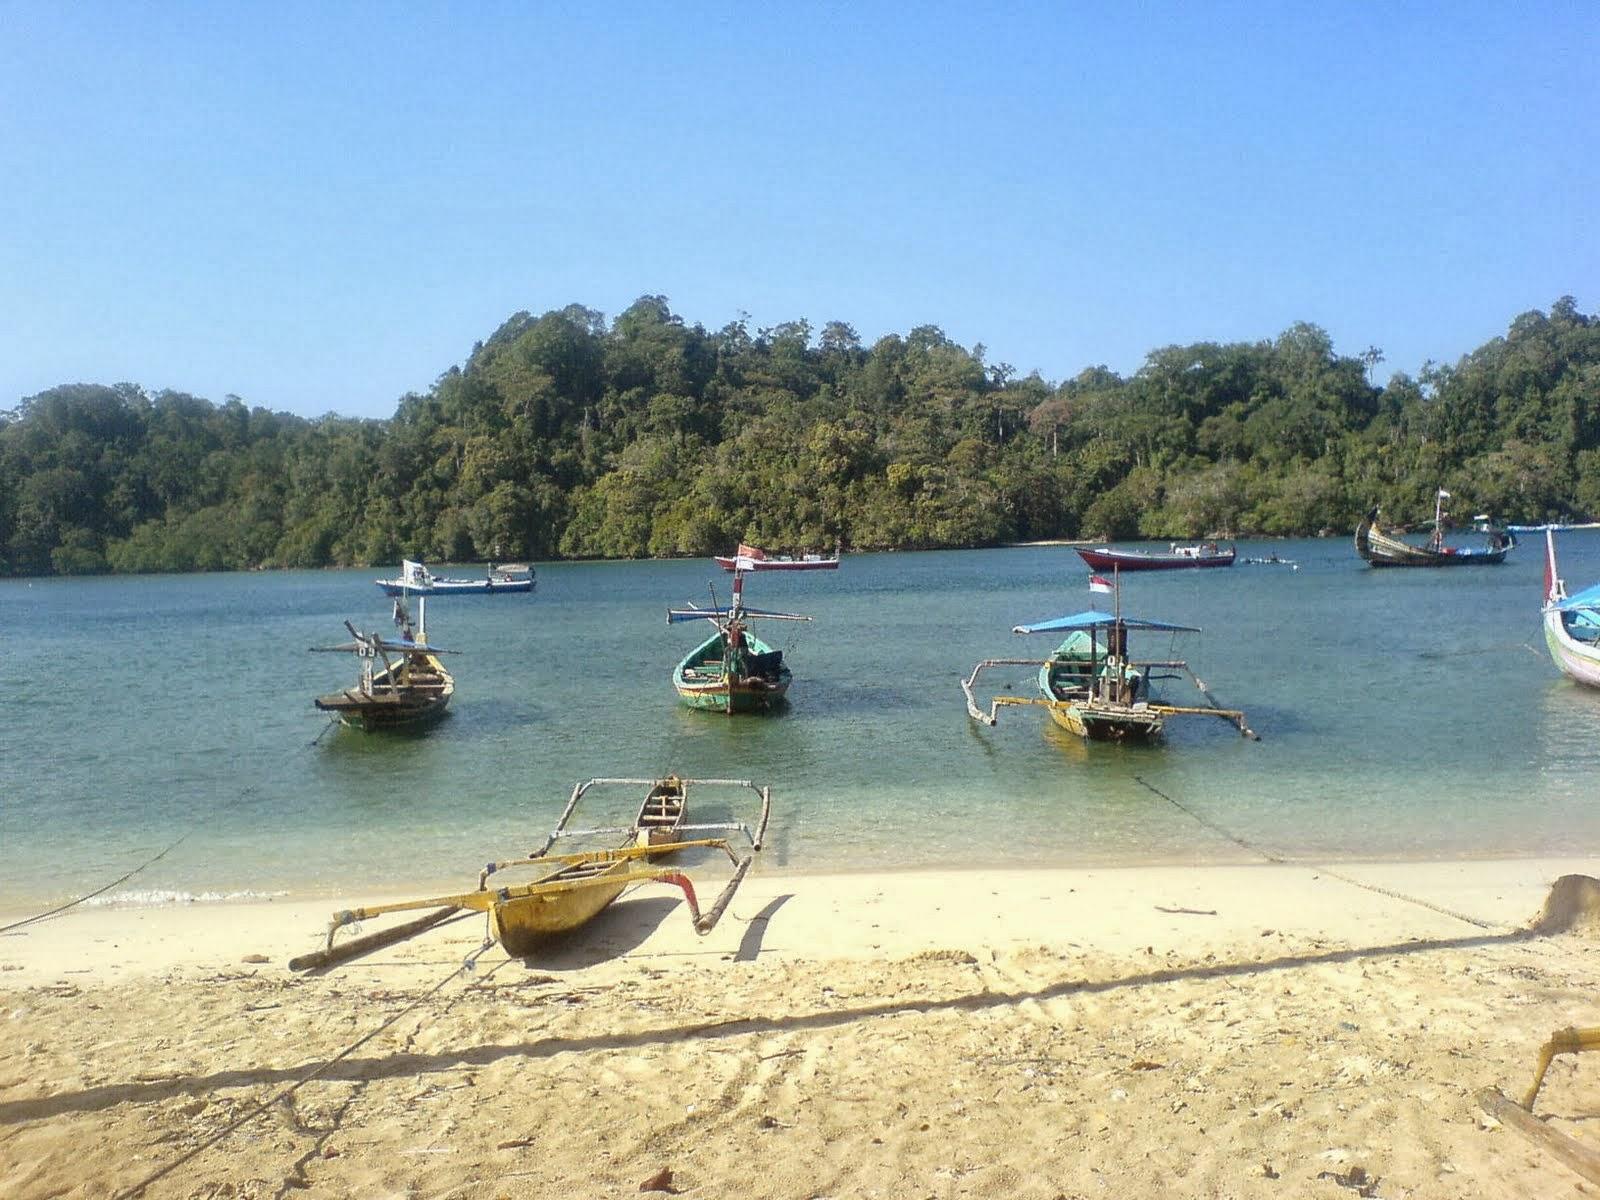 Daftar Wisata Pantai Malang Pantai Sendang Biru